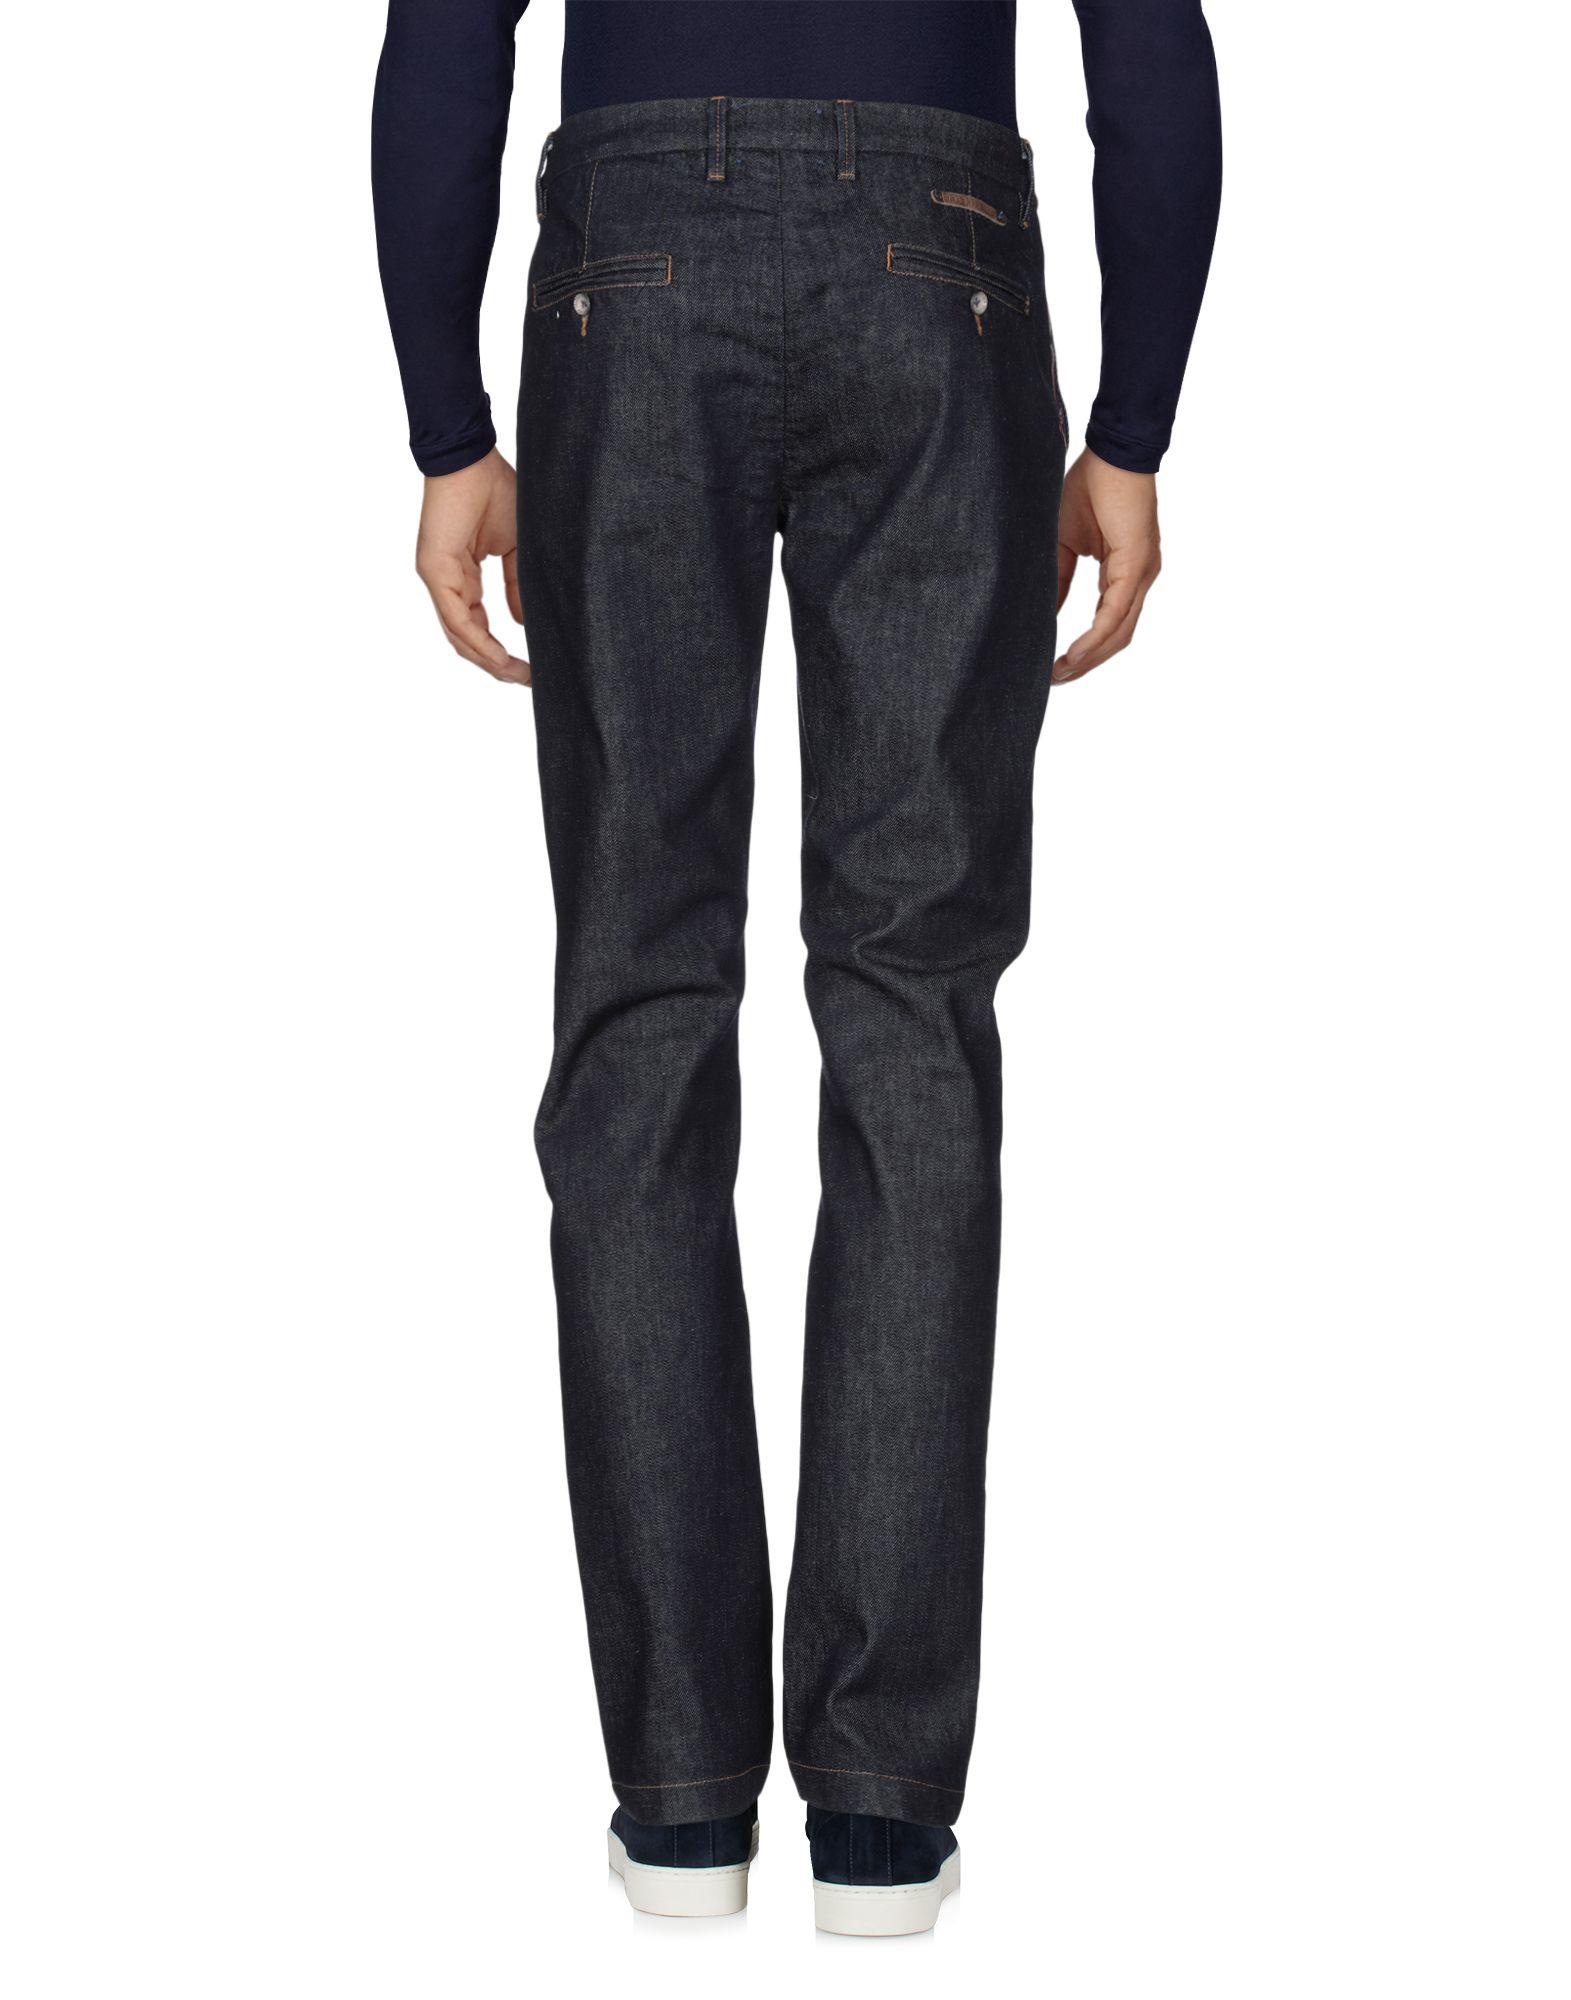 Pantaloni - Jeans Teleria Zed Uomo - Pantaloni 42688362UV 2c48c5